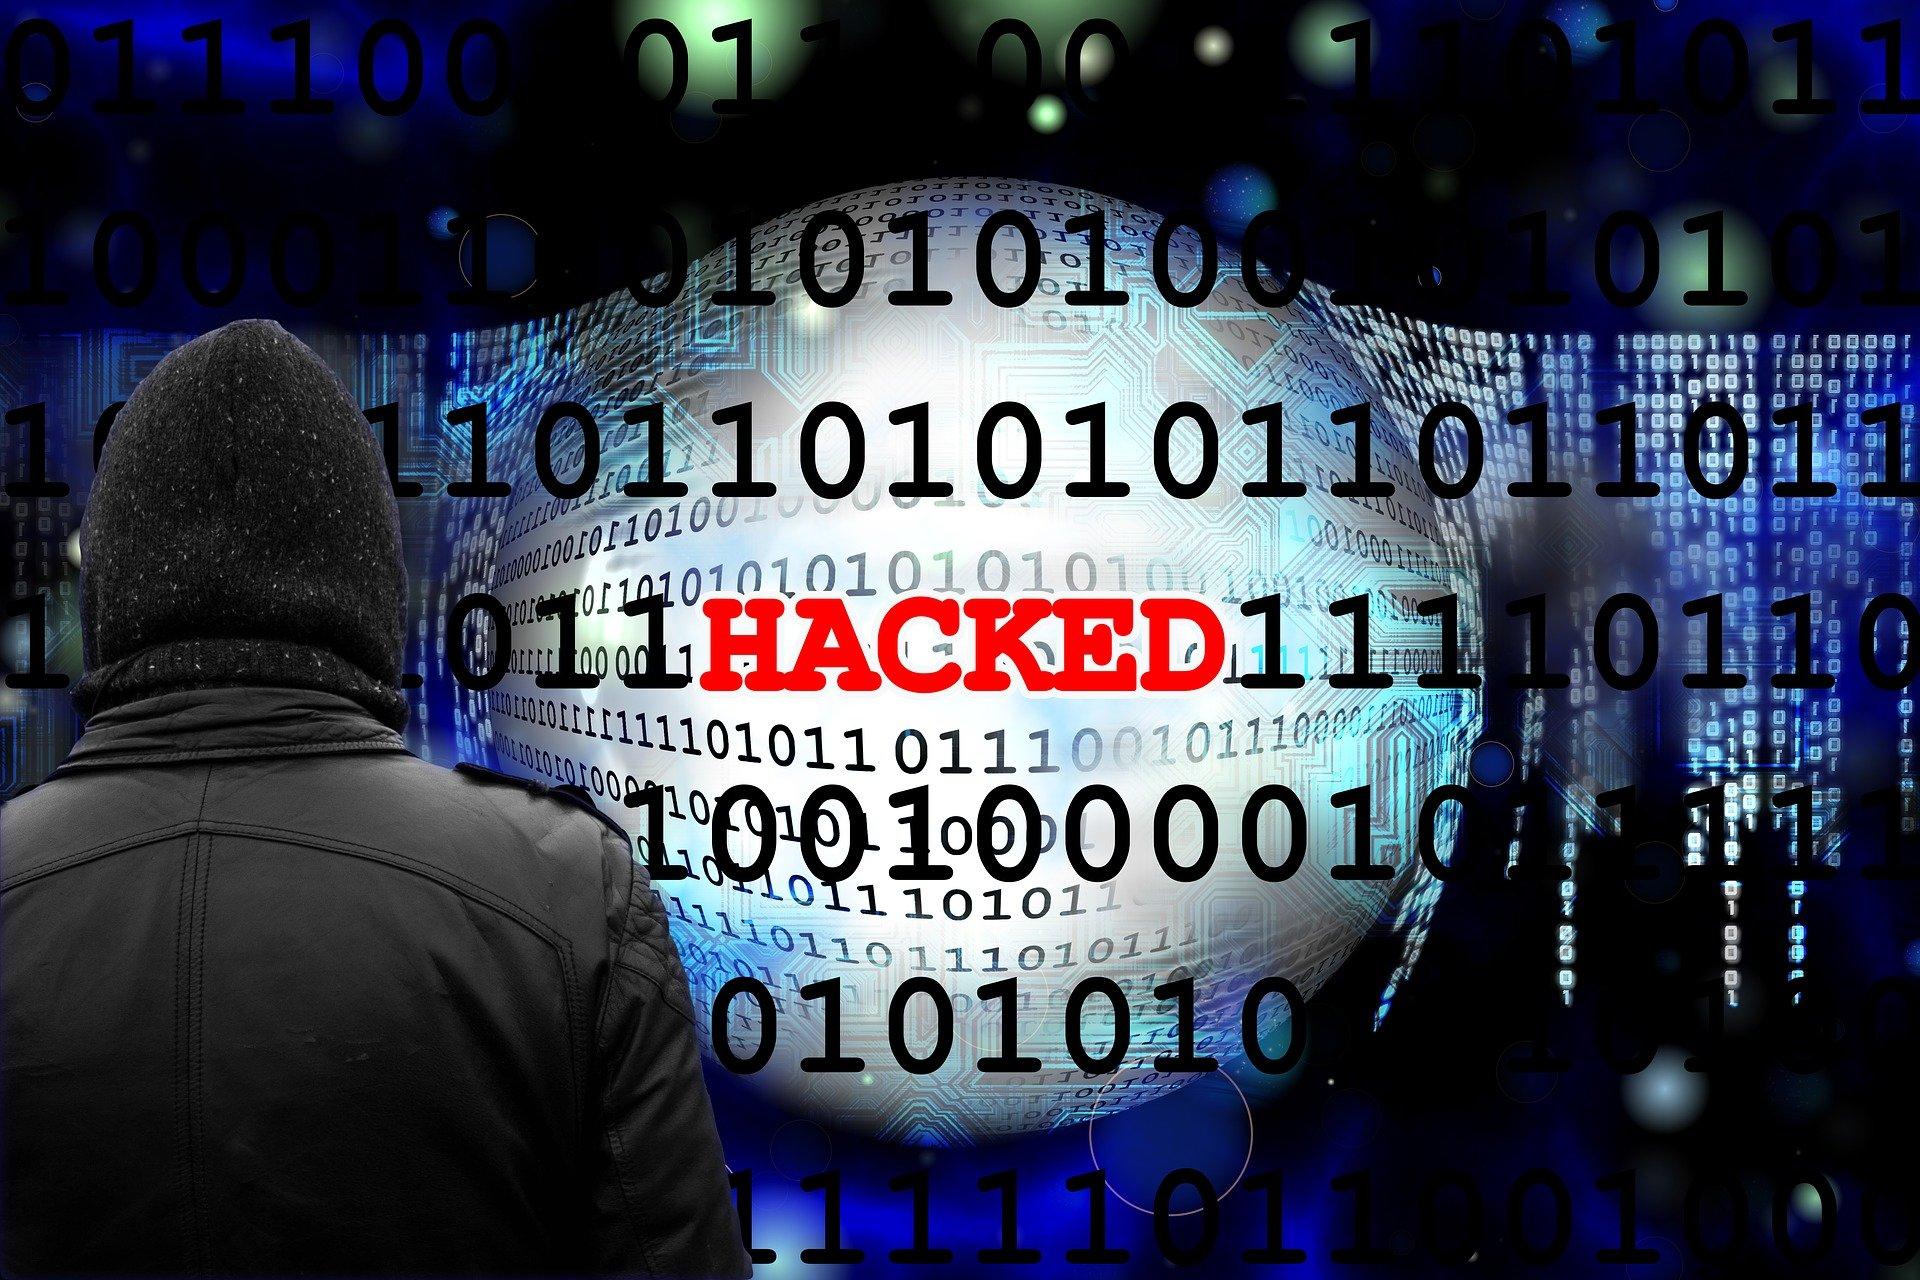 Unternehmen sehen sich dauerhaft Cyberkriminalität durch Hacker und Angreifer ausgesetzt.